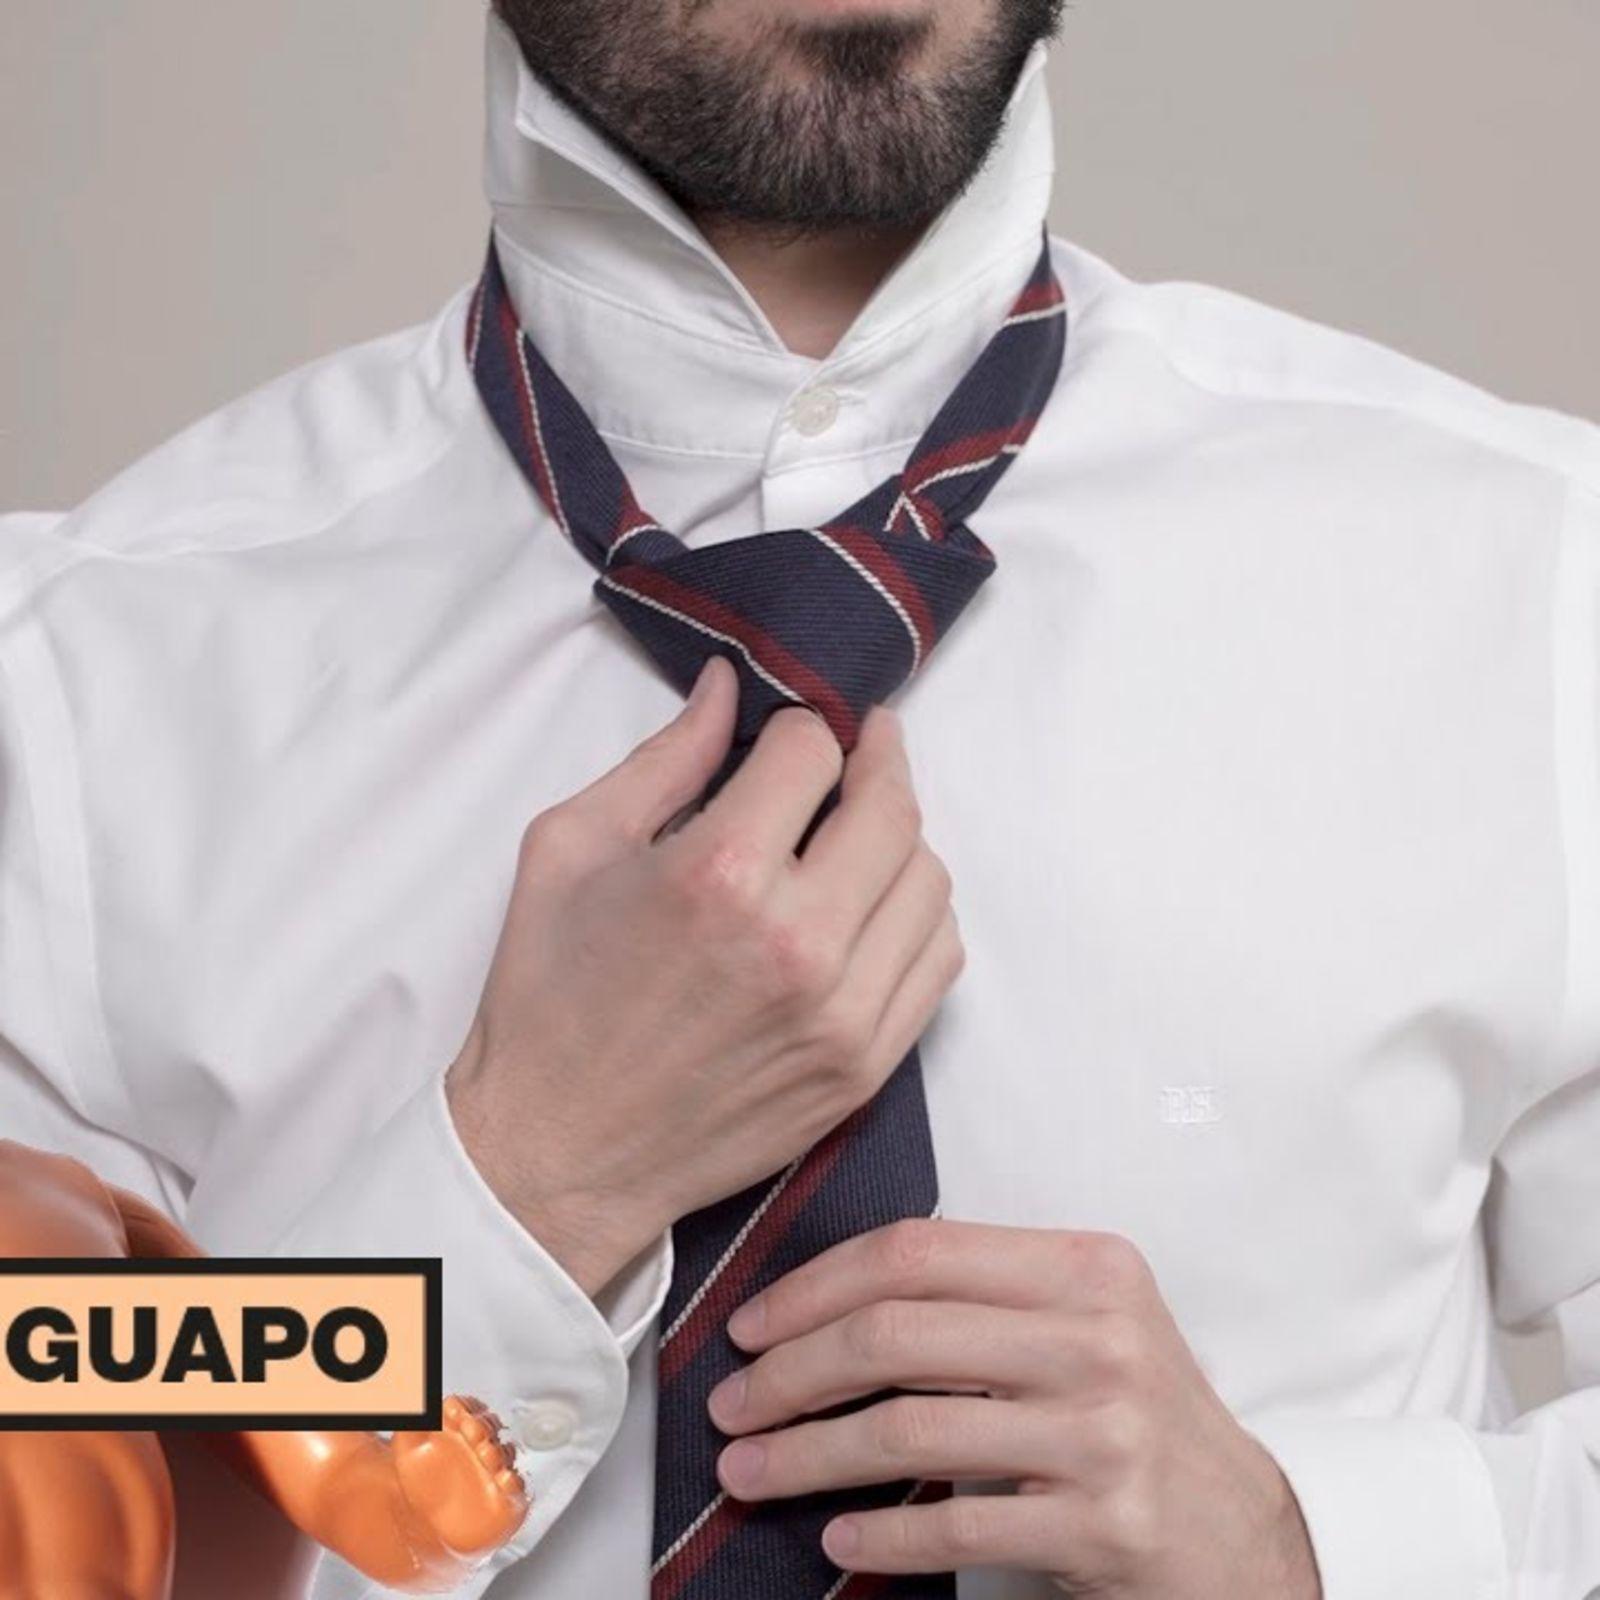 Cómo hacer el nudo de la corbata | Está to guapo